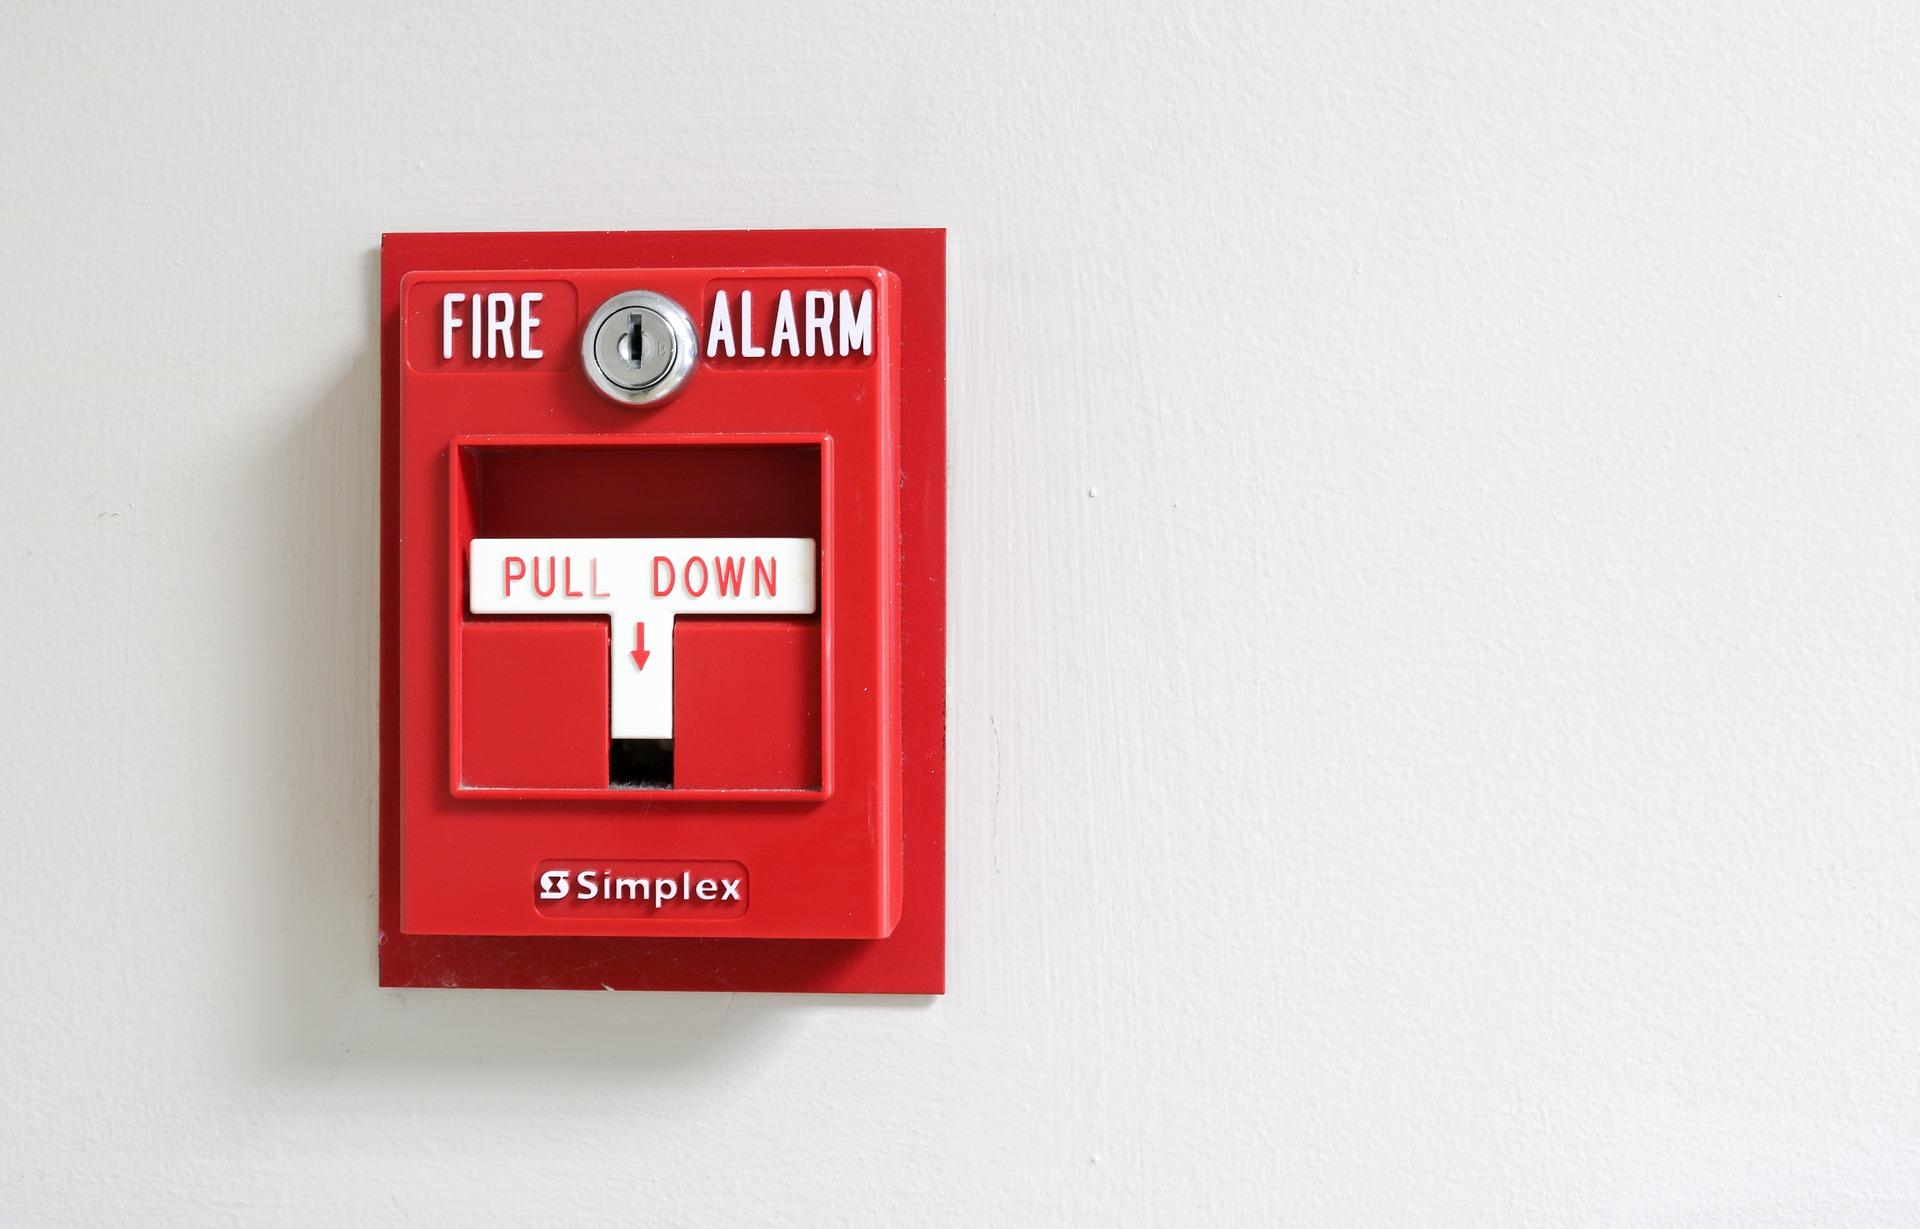 Quando installare un impianto di rilevamento incendi?